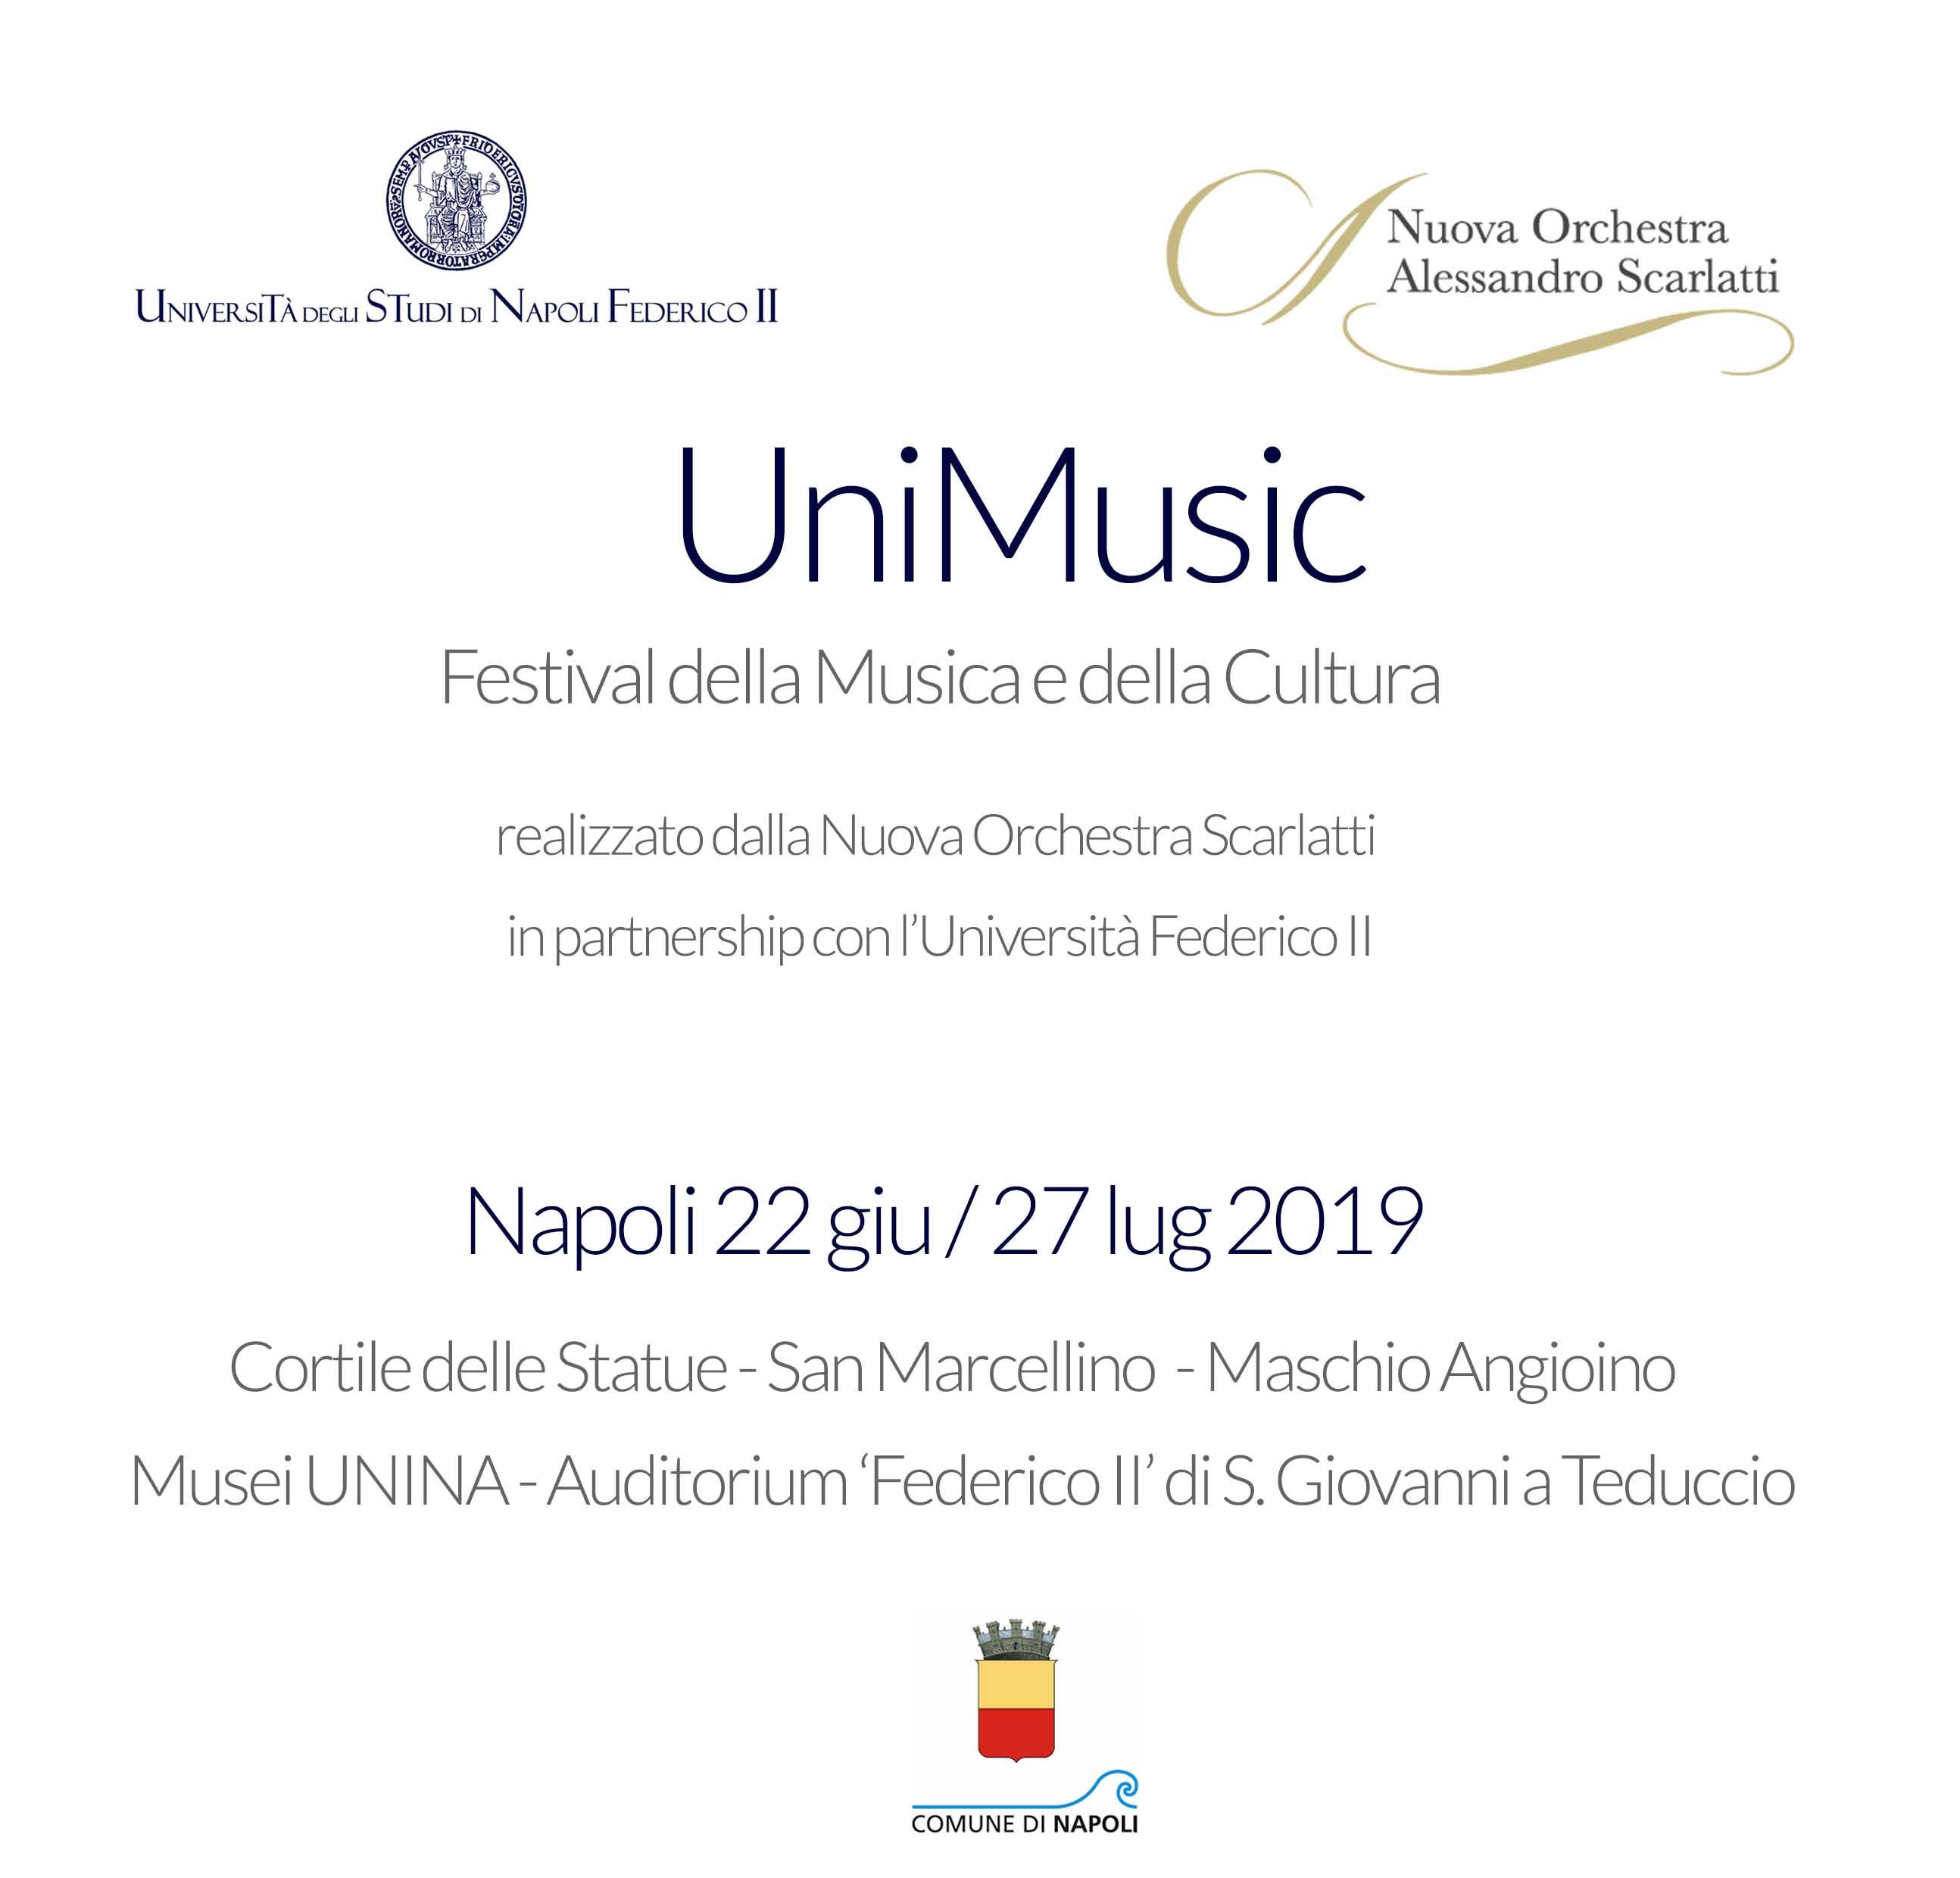 Nuova Orchestra Scarlatti - UniMusic. Festival della Musica e della Cultura